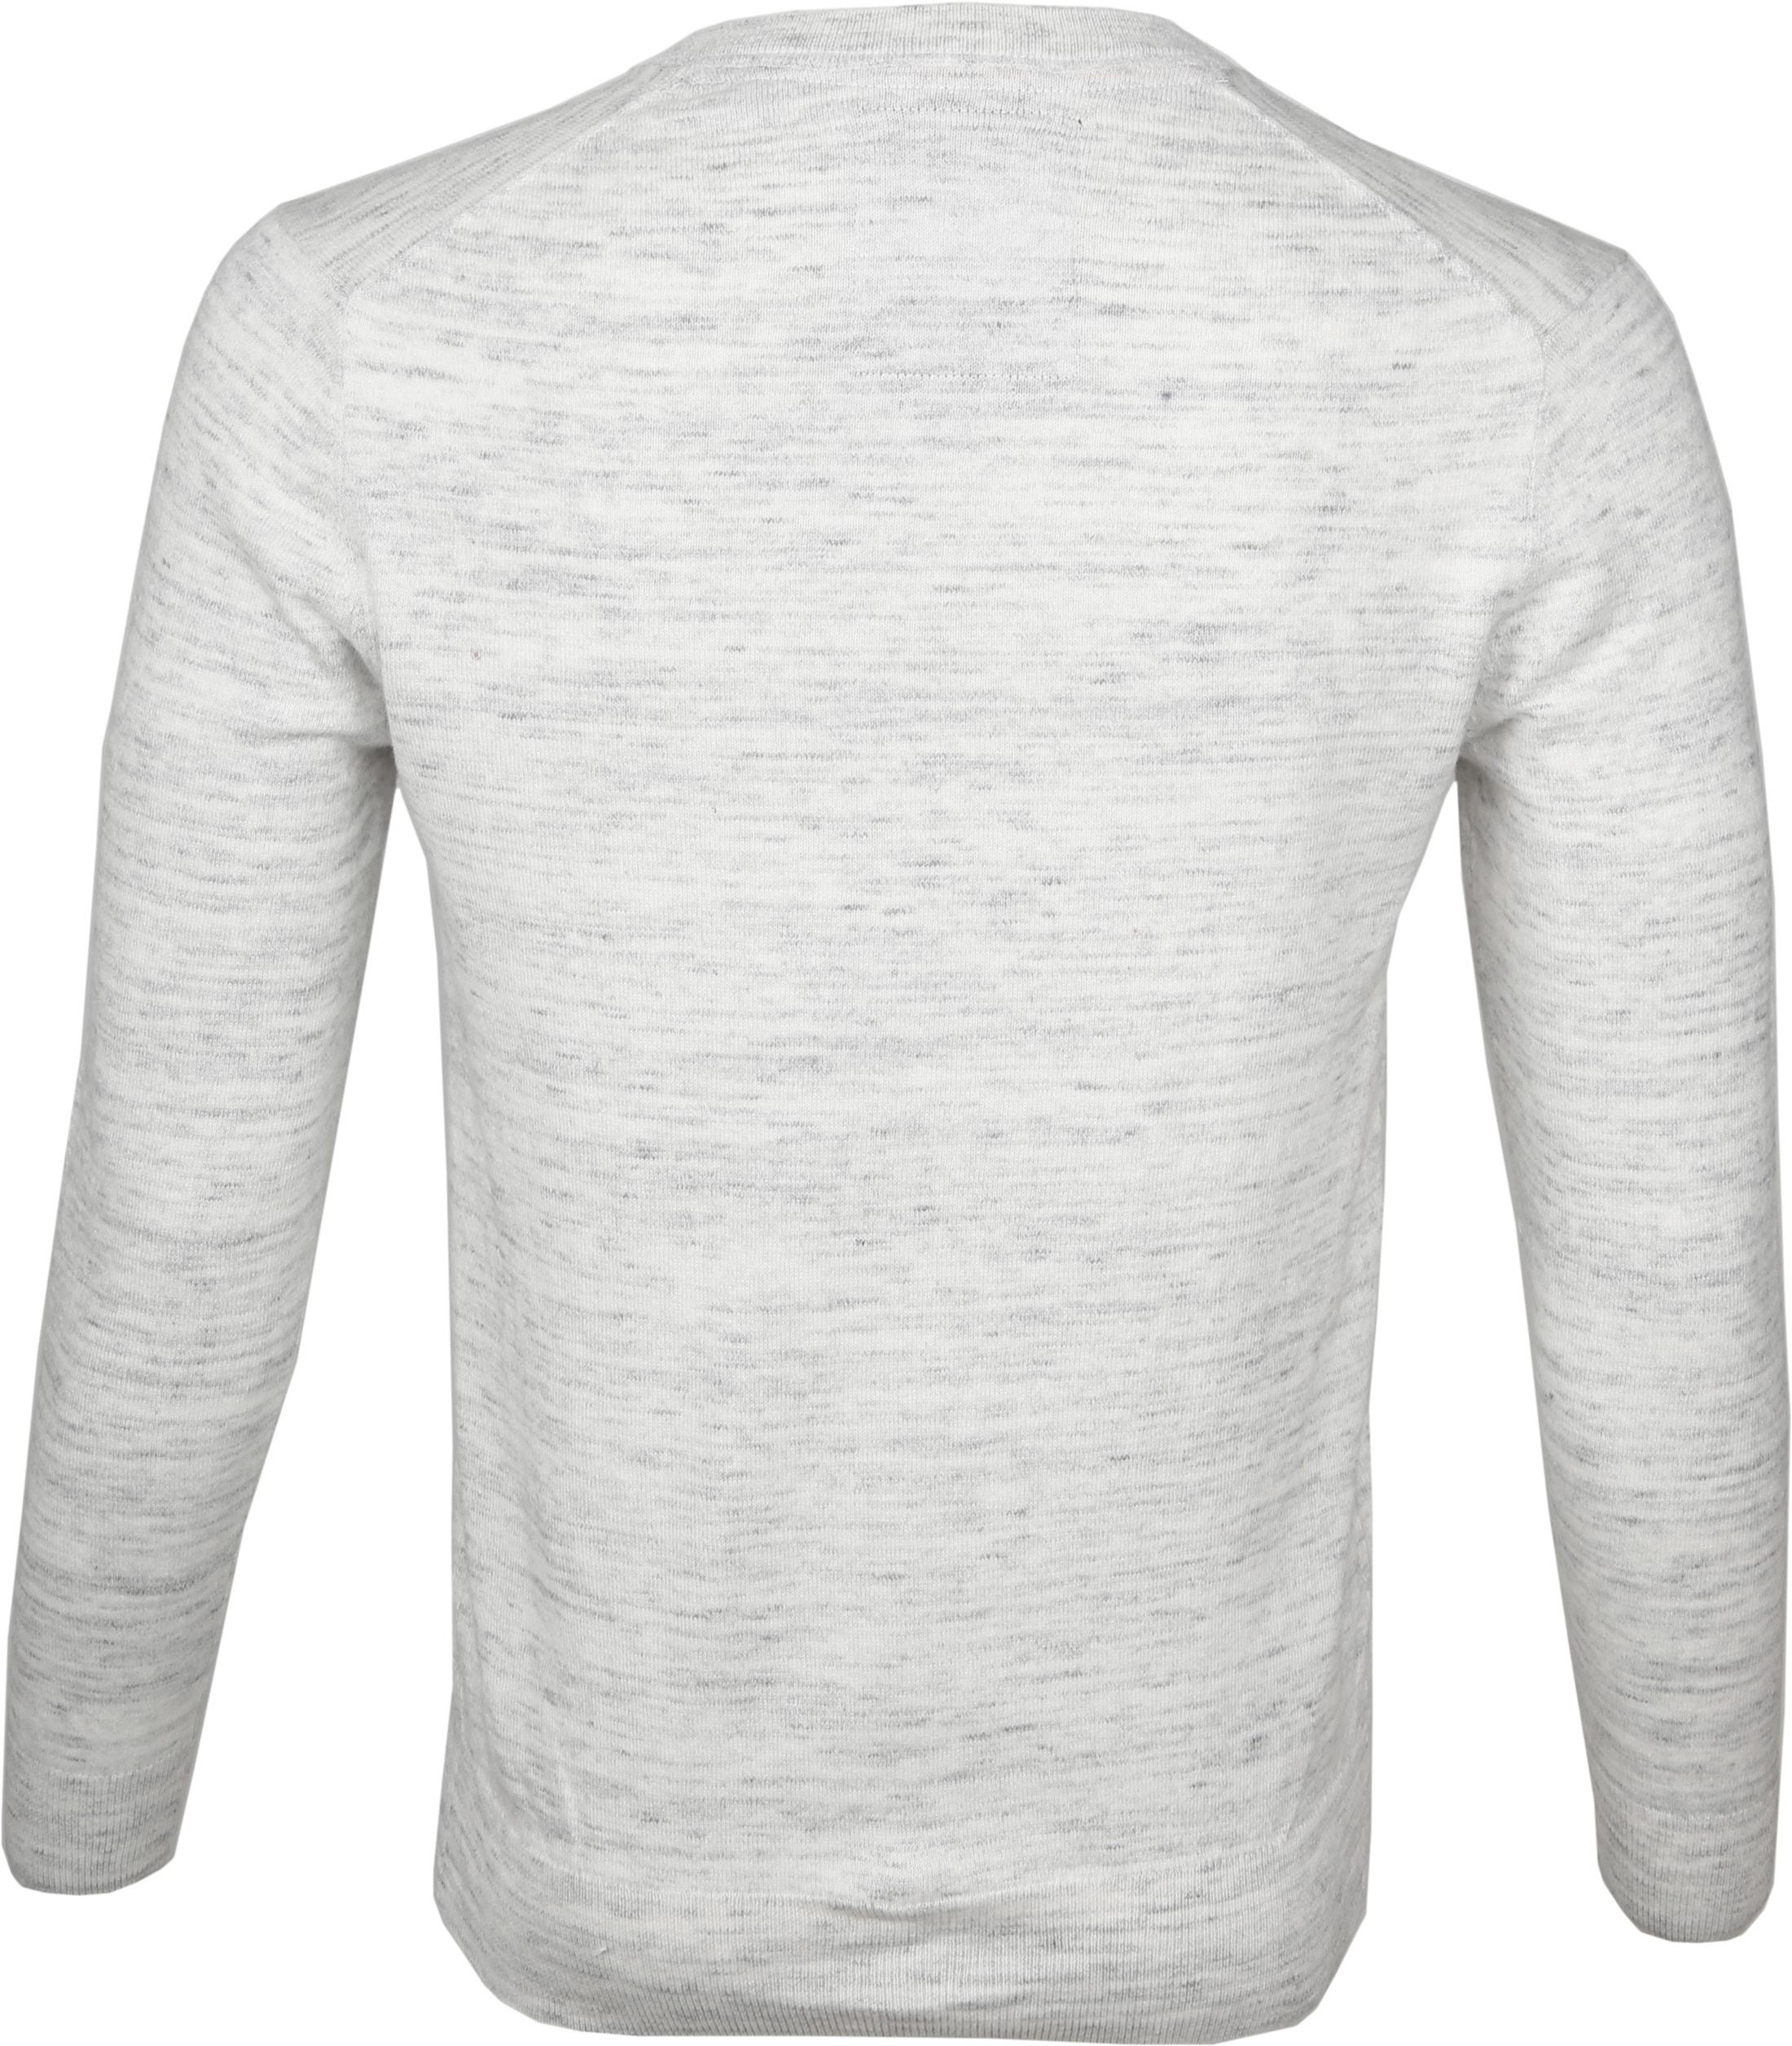 Superdry Pullover V-hals Melange Grijs foto 2